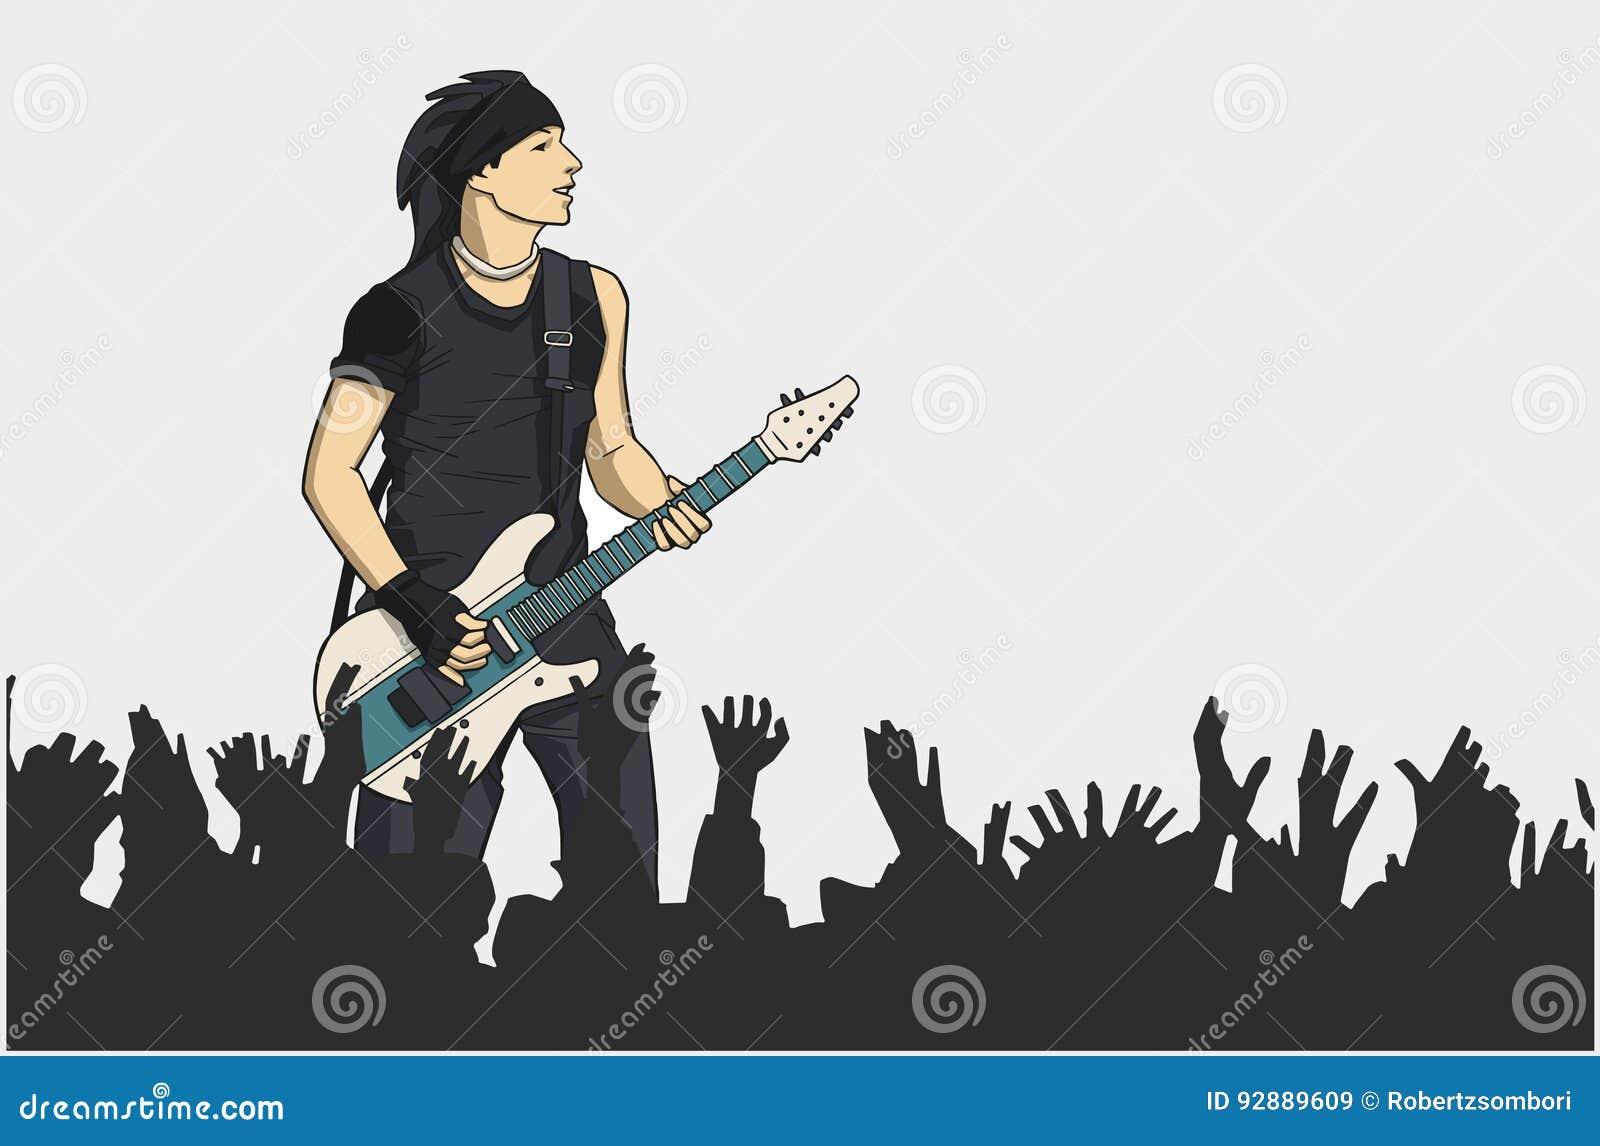 Ilustração do guitarrista que executa na fase